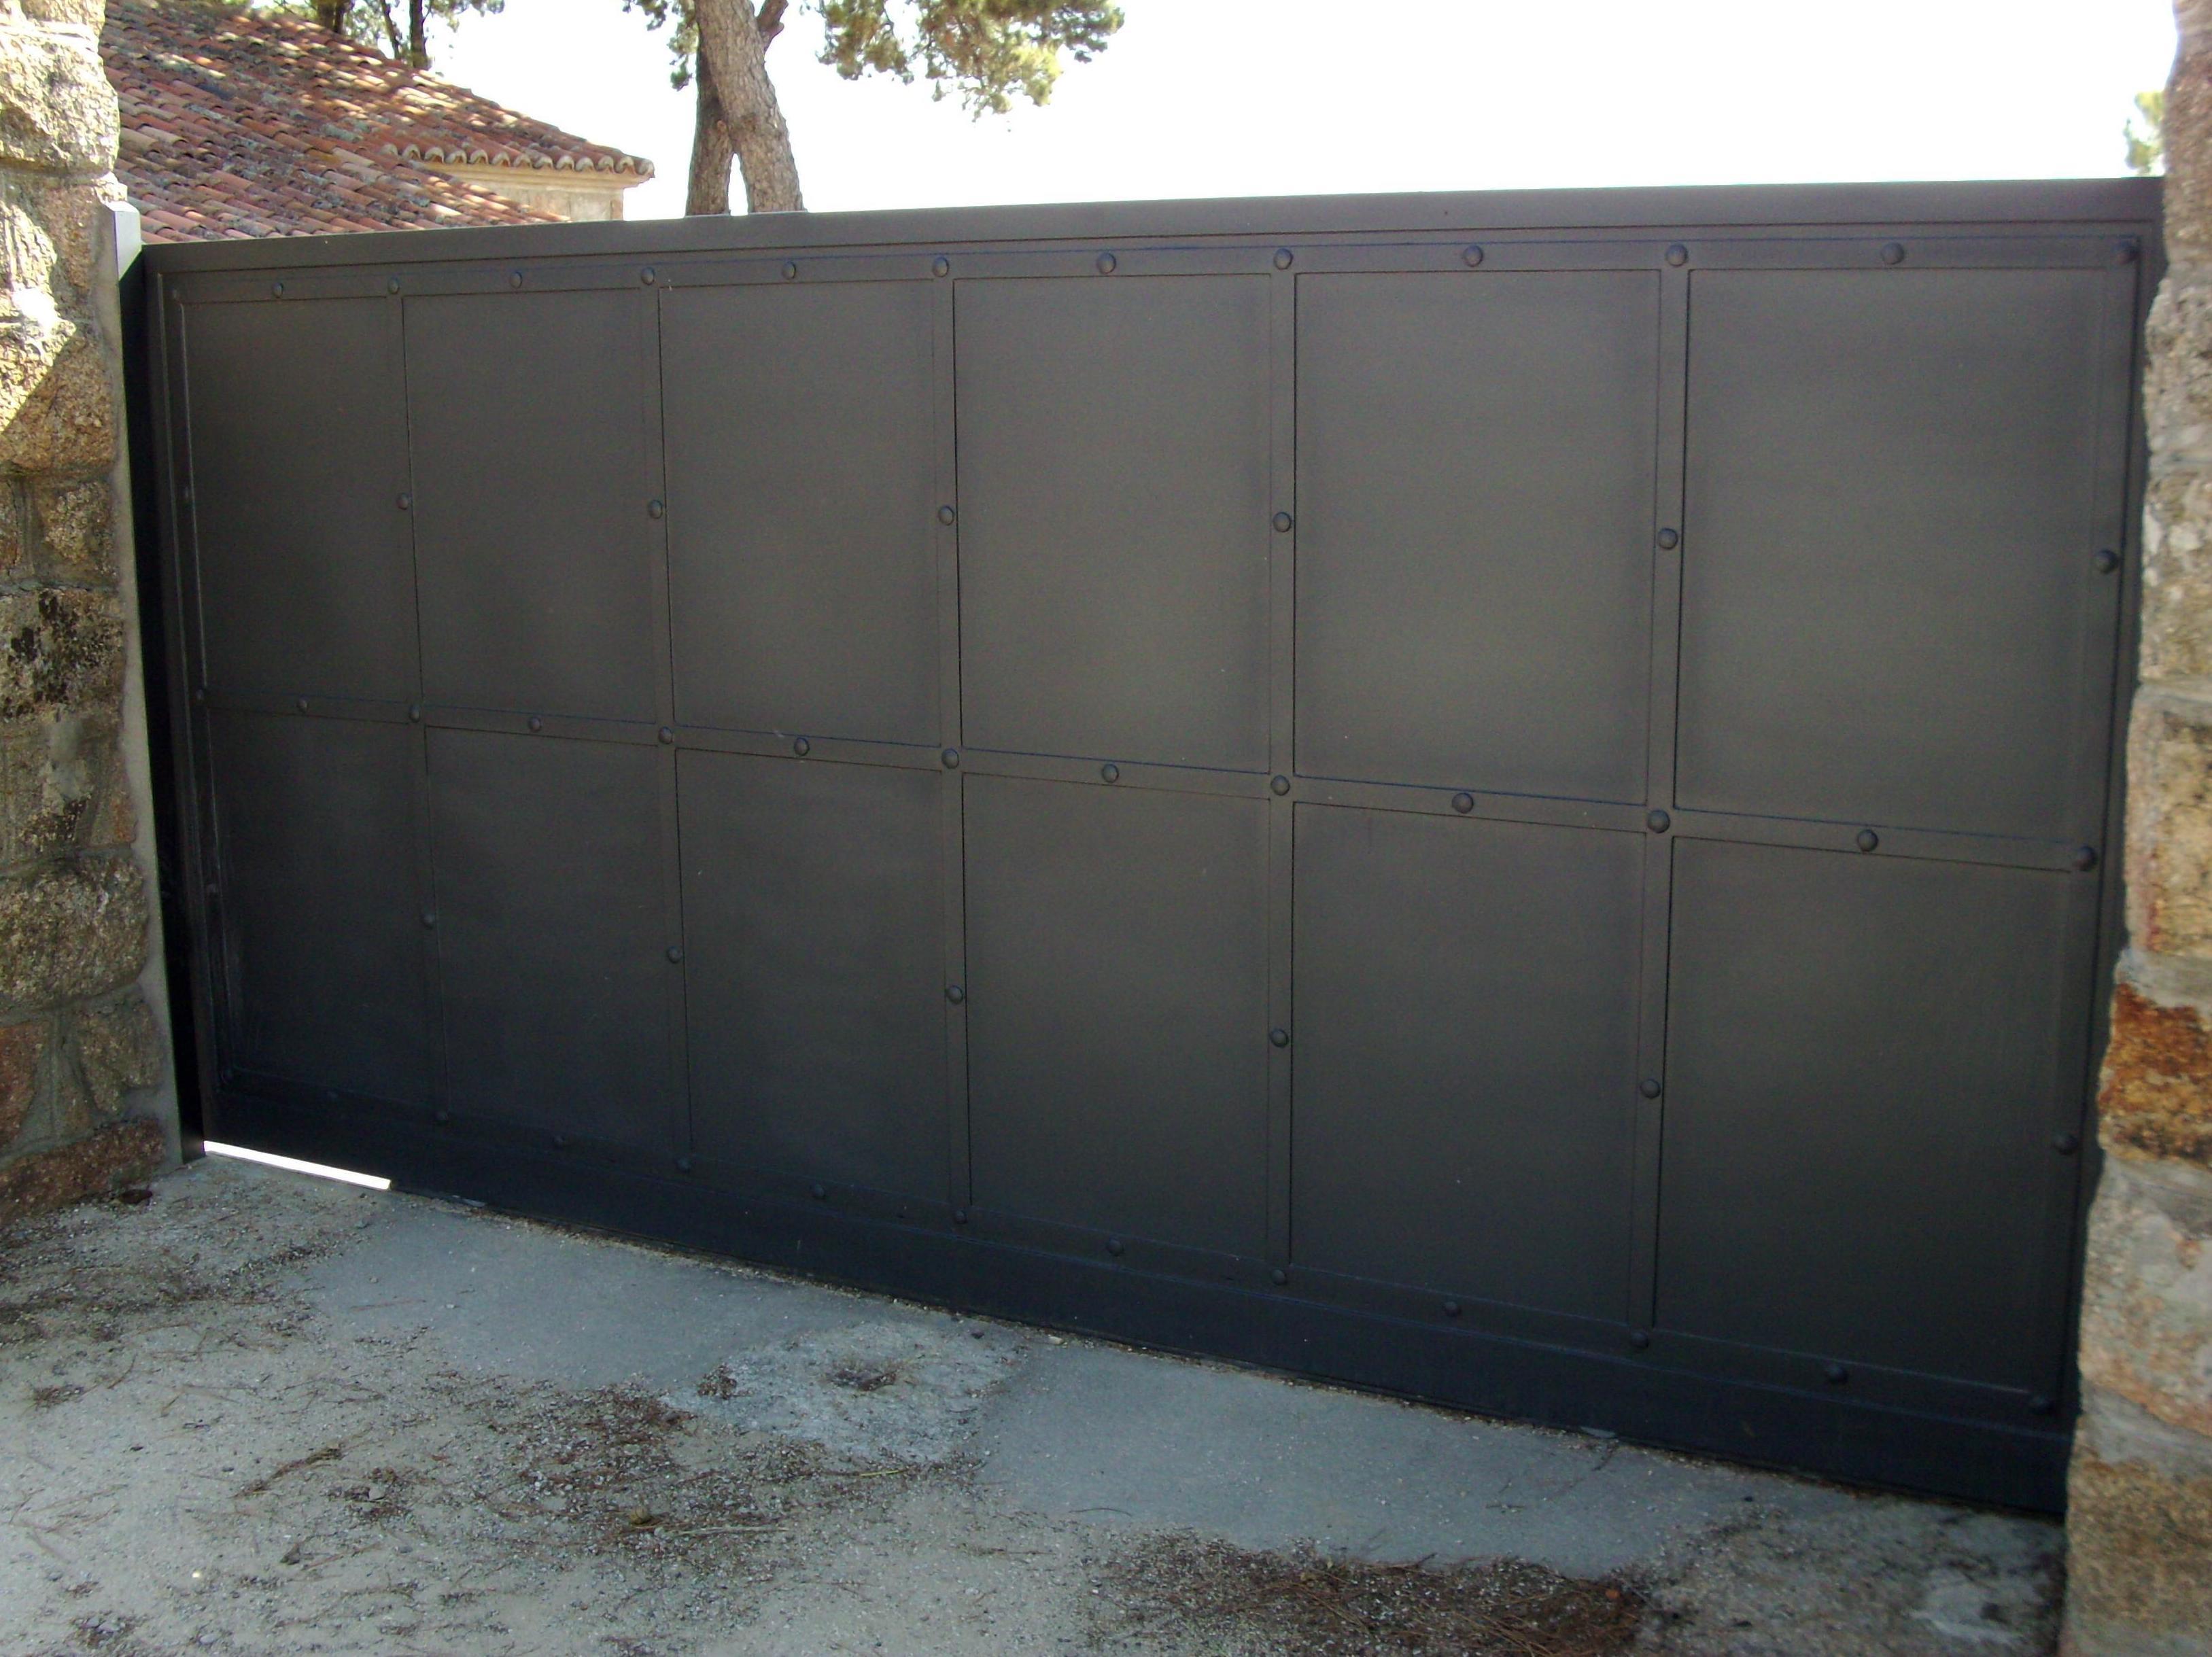 Puertas correderas productos de puertas autom ticas aucer - Puertas correderas o abatibles ...